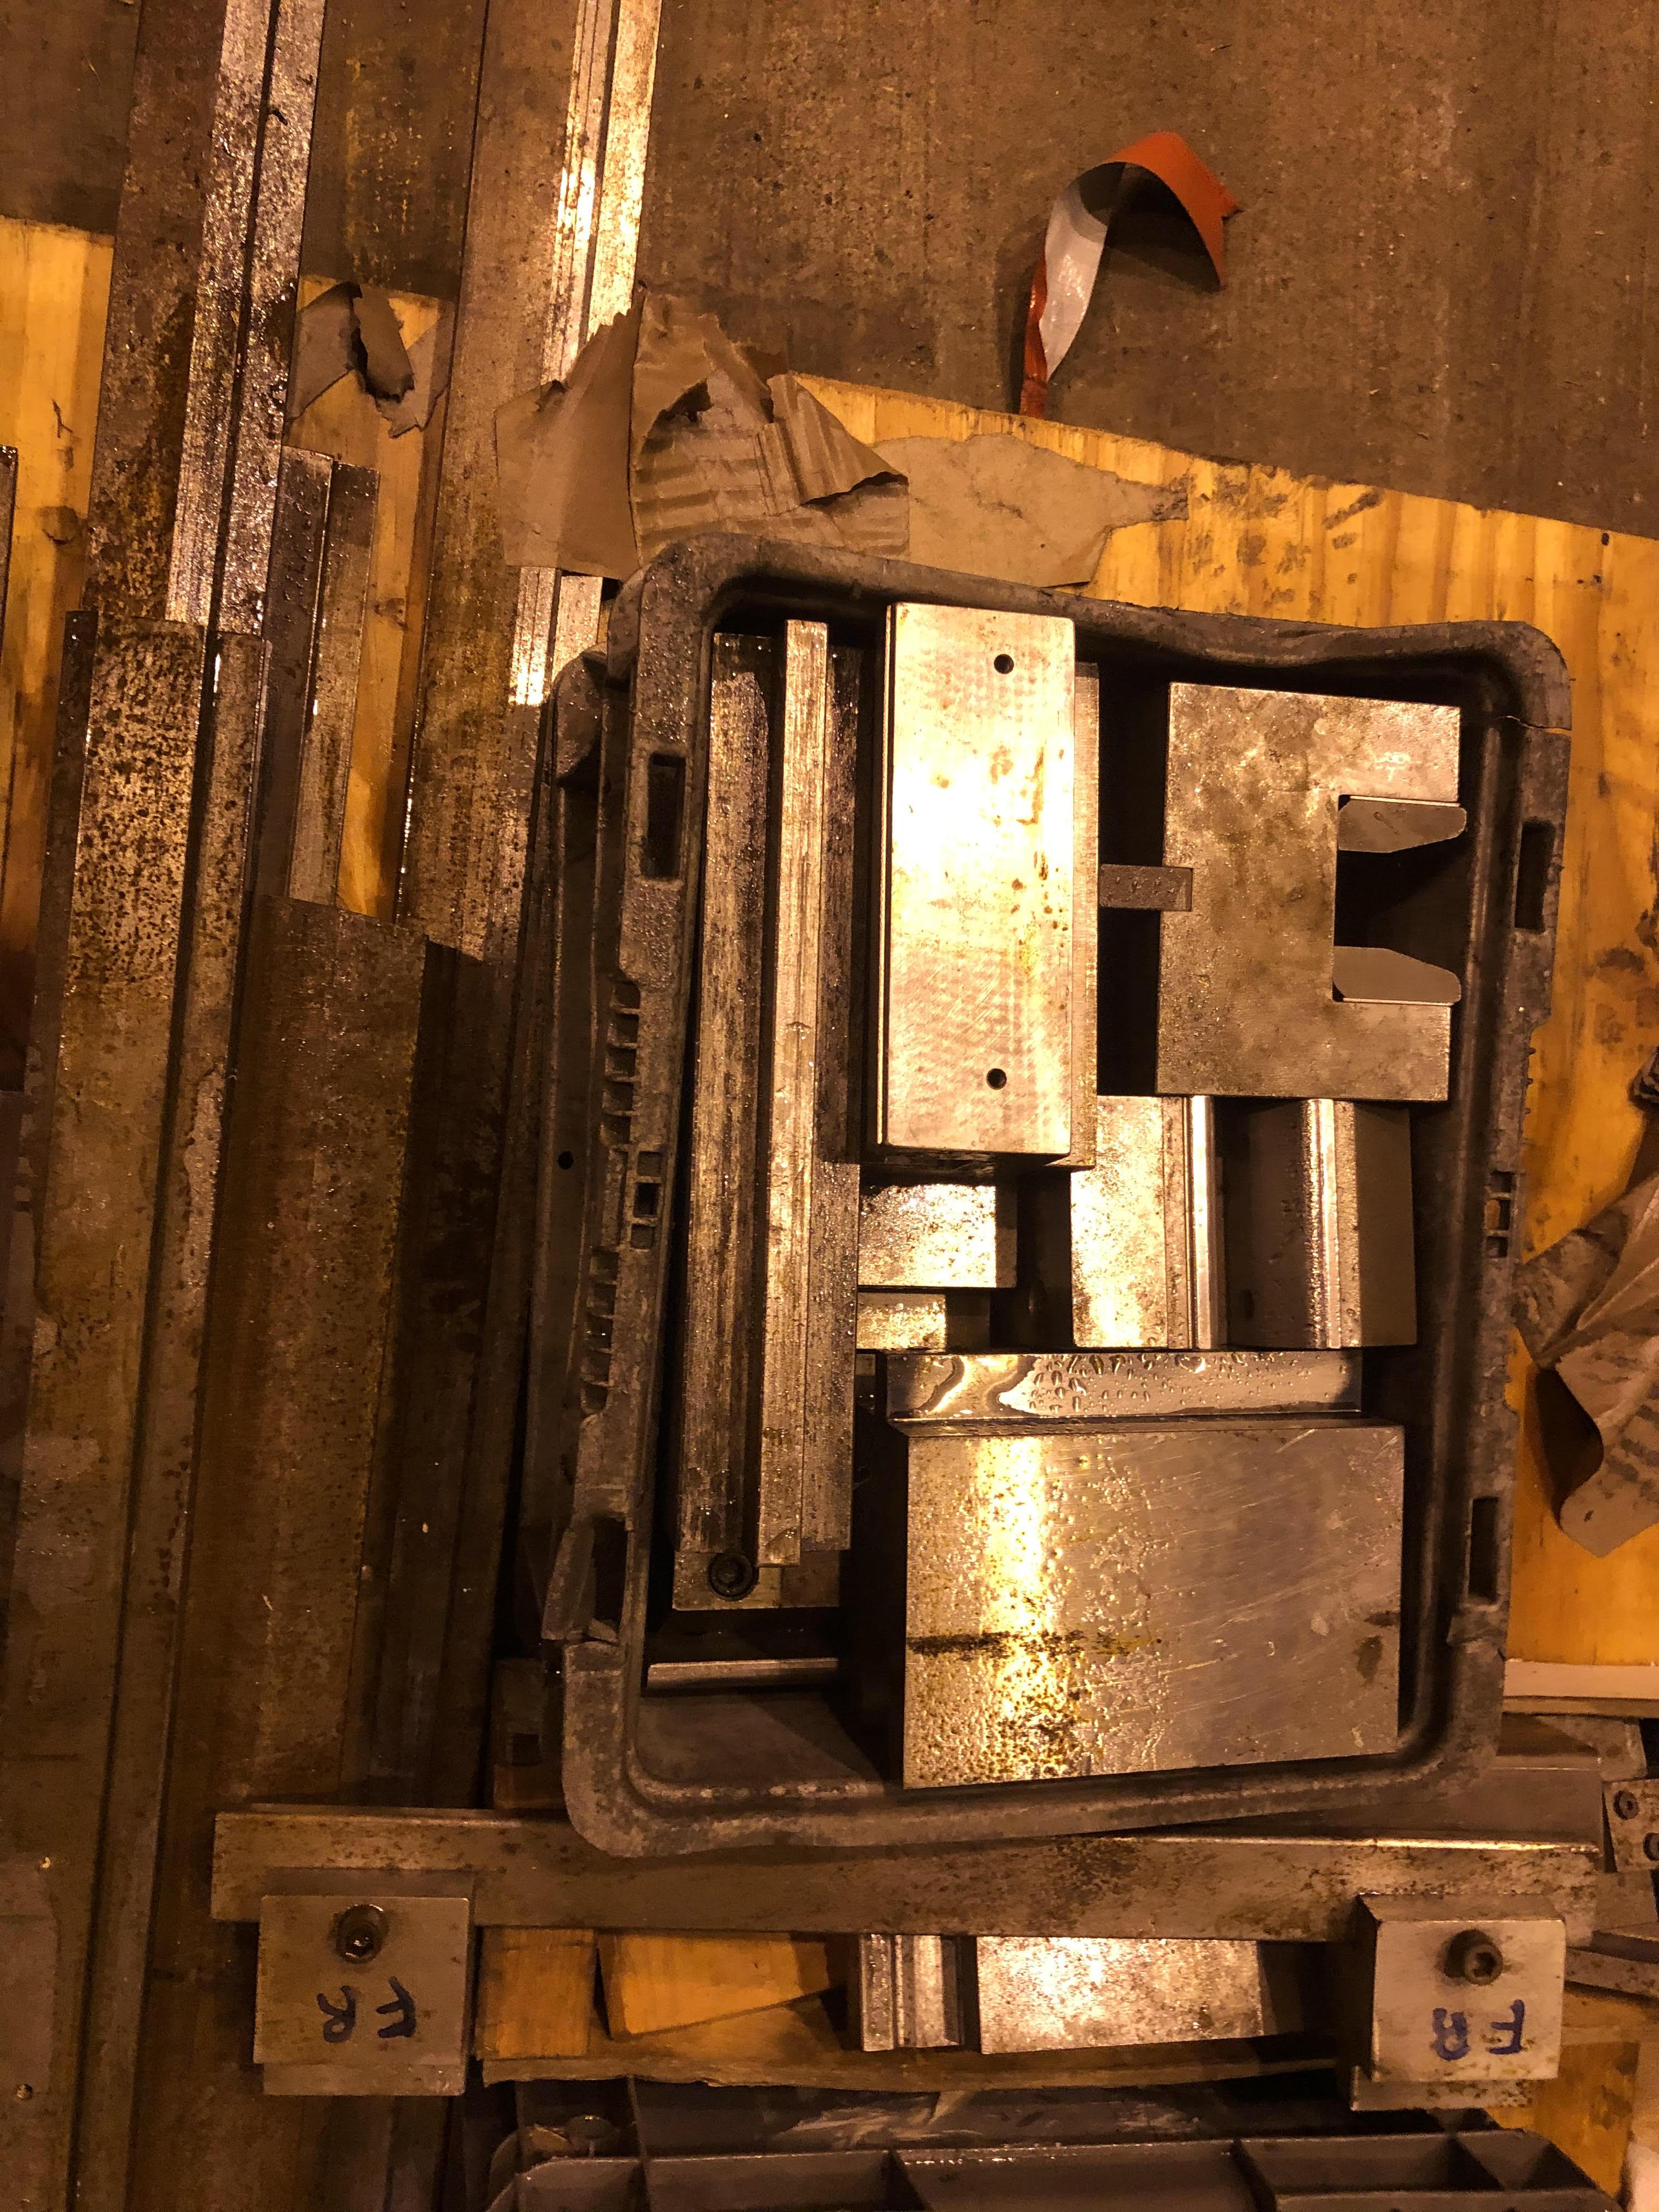 Guifil PE-30 33 Ton Press Brake - Image 12 of 14